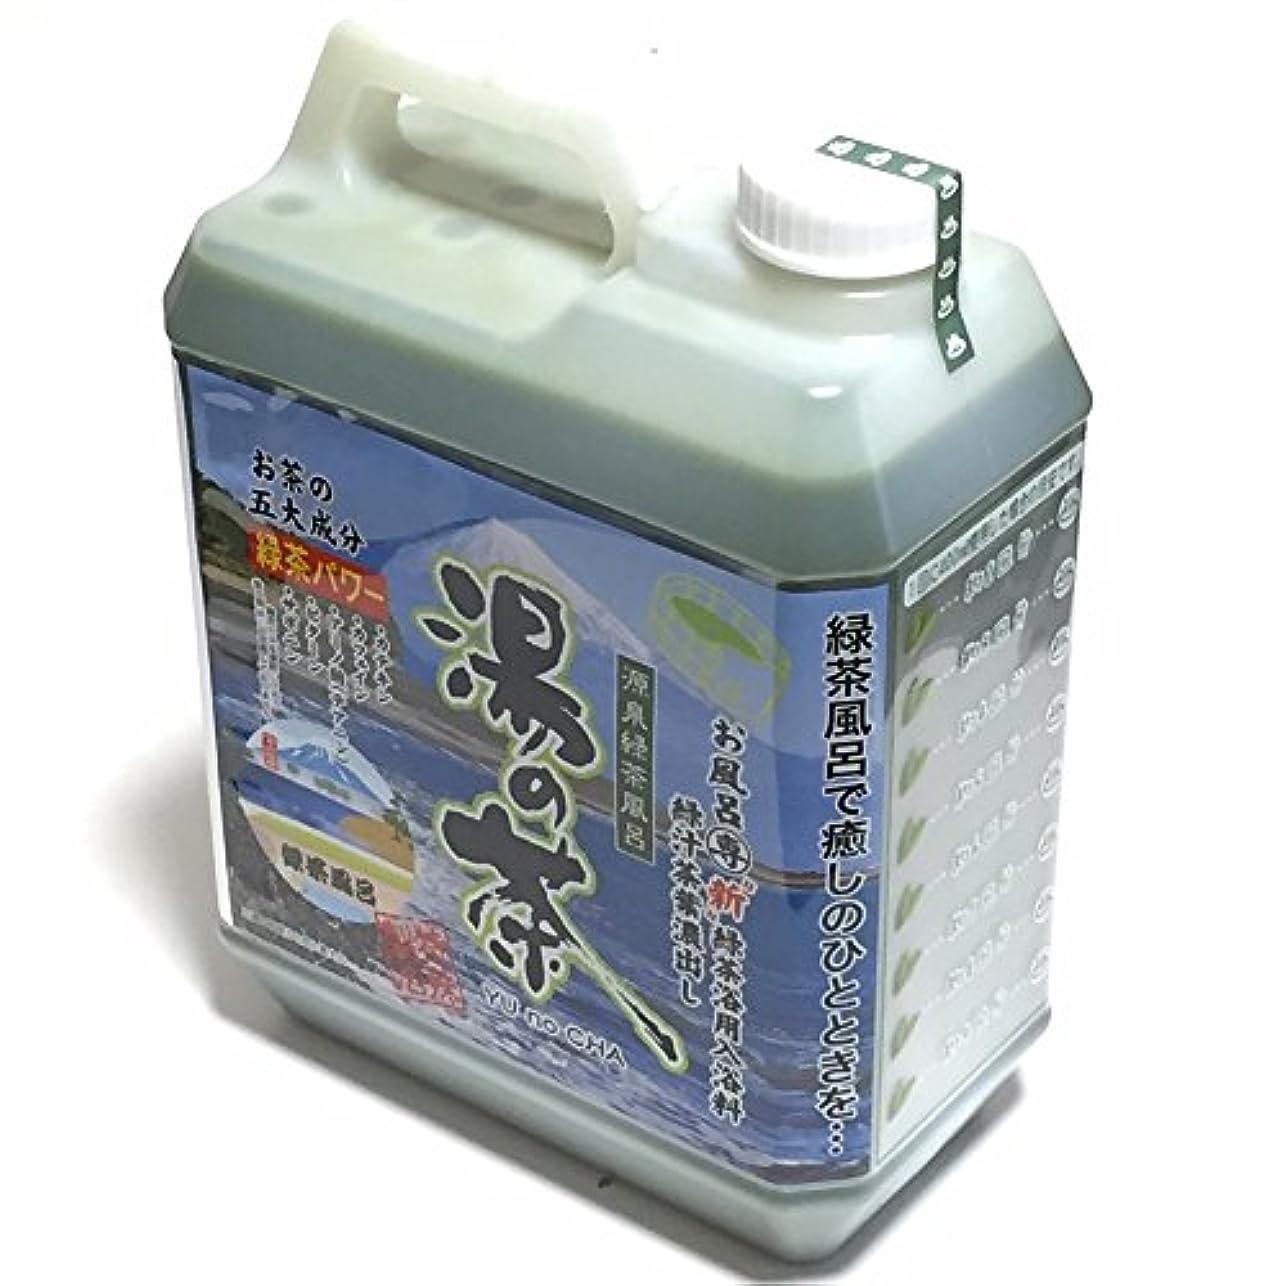 罹患率電極タンパク質緑茶のお風呂に入ろう??静岡茶葉100% 高濃度カテキン 緑茶入浴化粧品 湯の茶 大容量4リットル